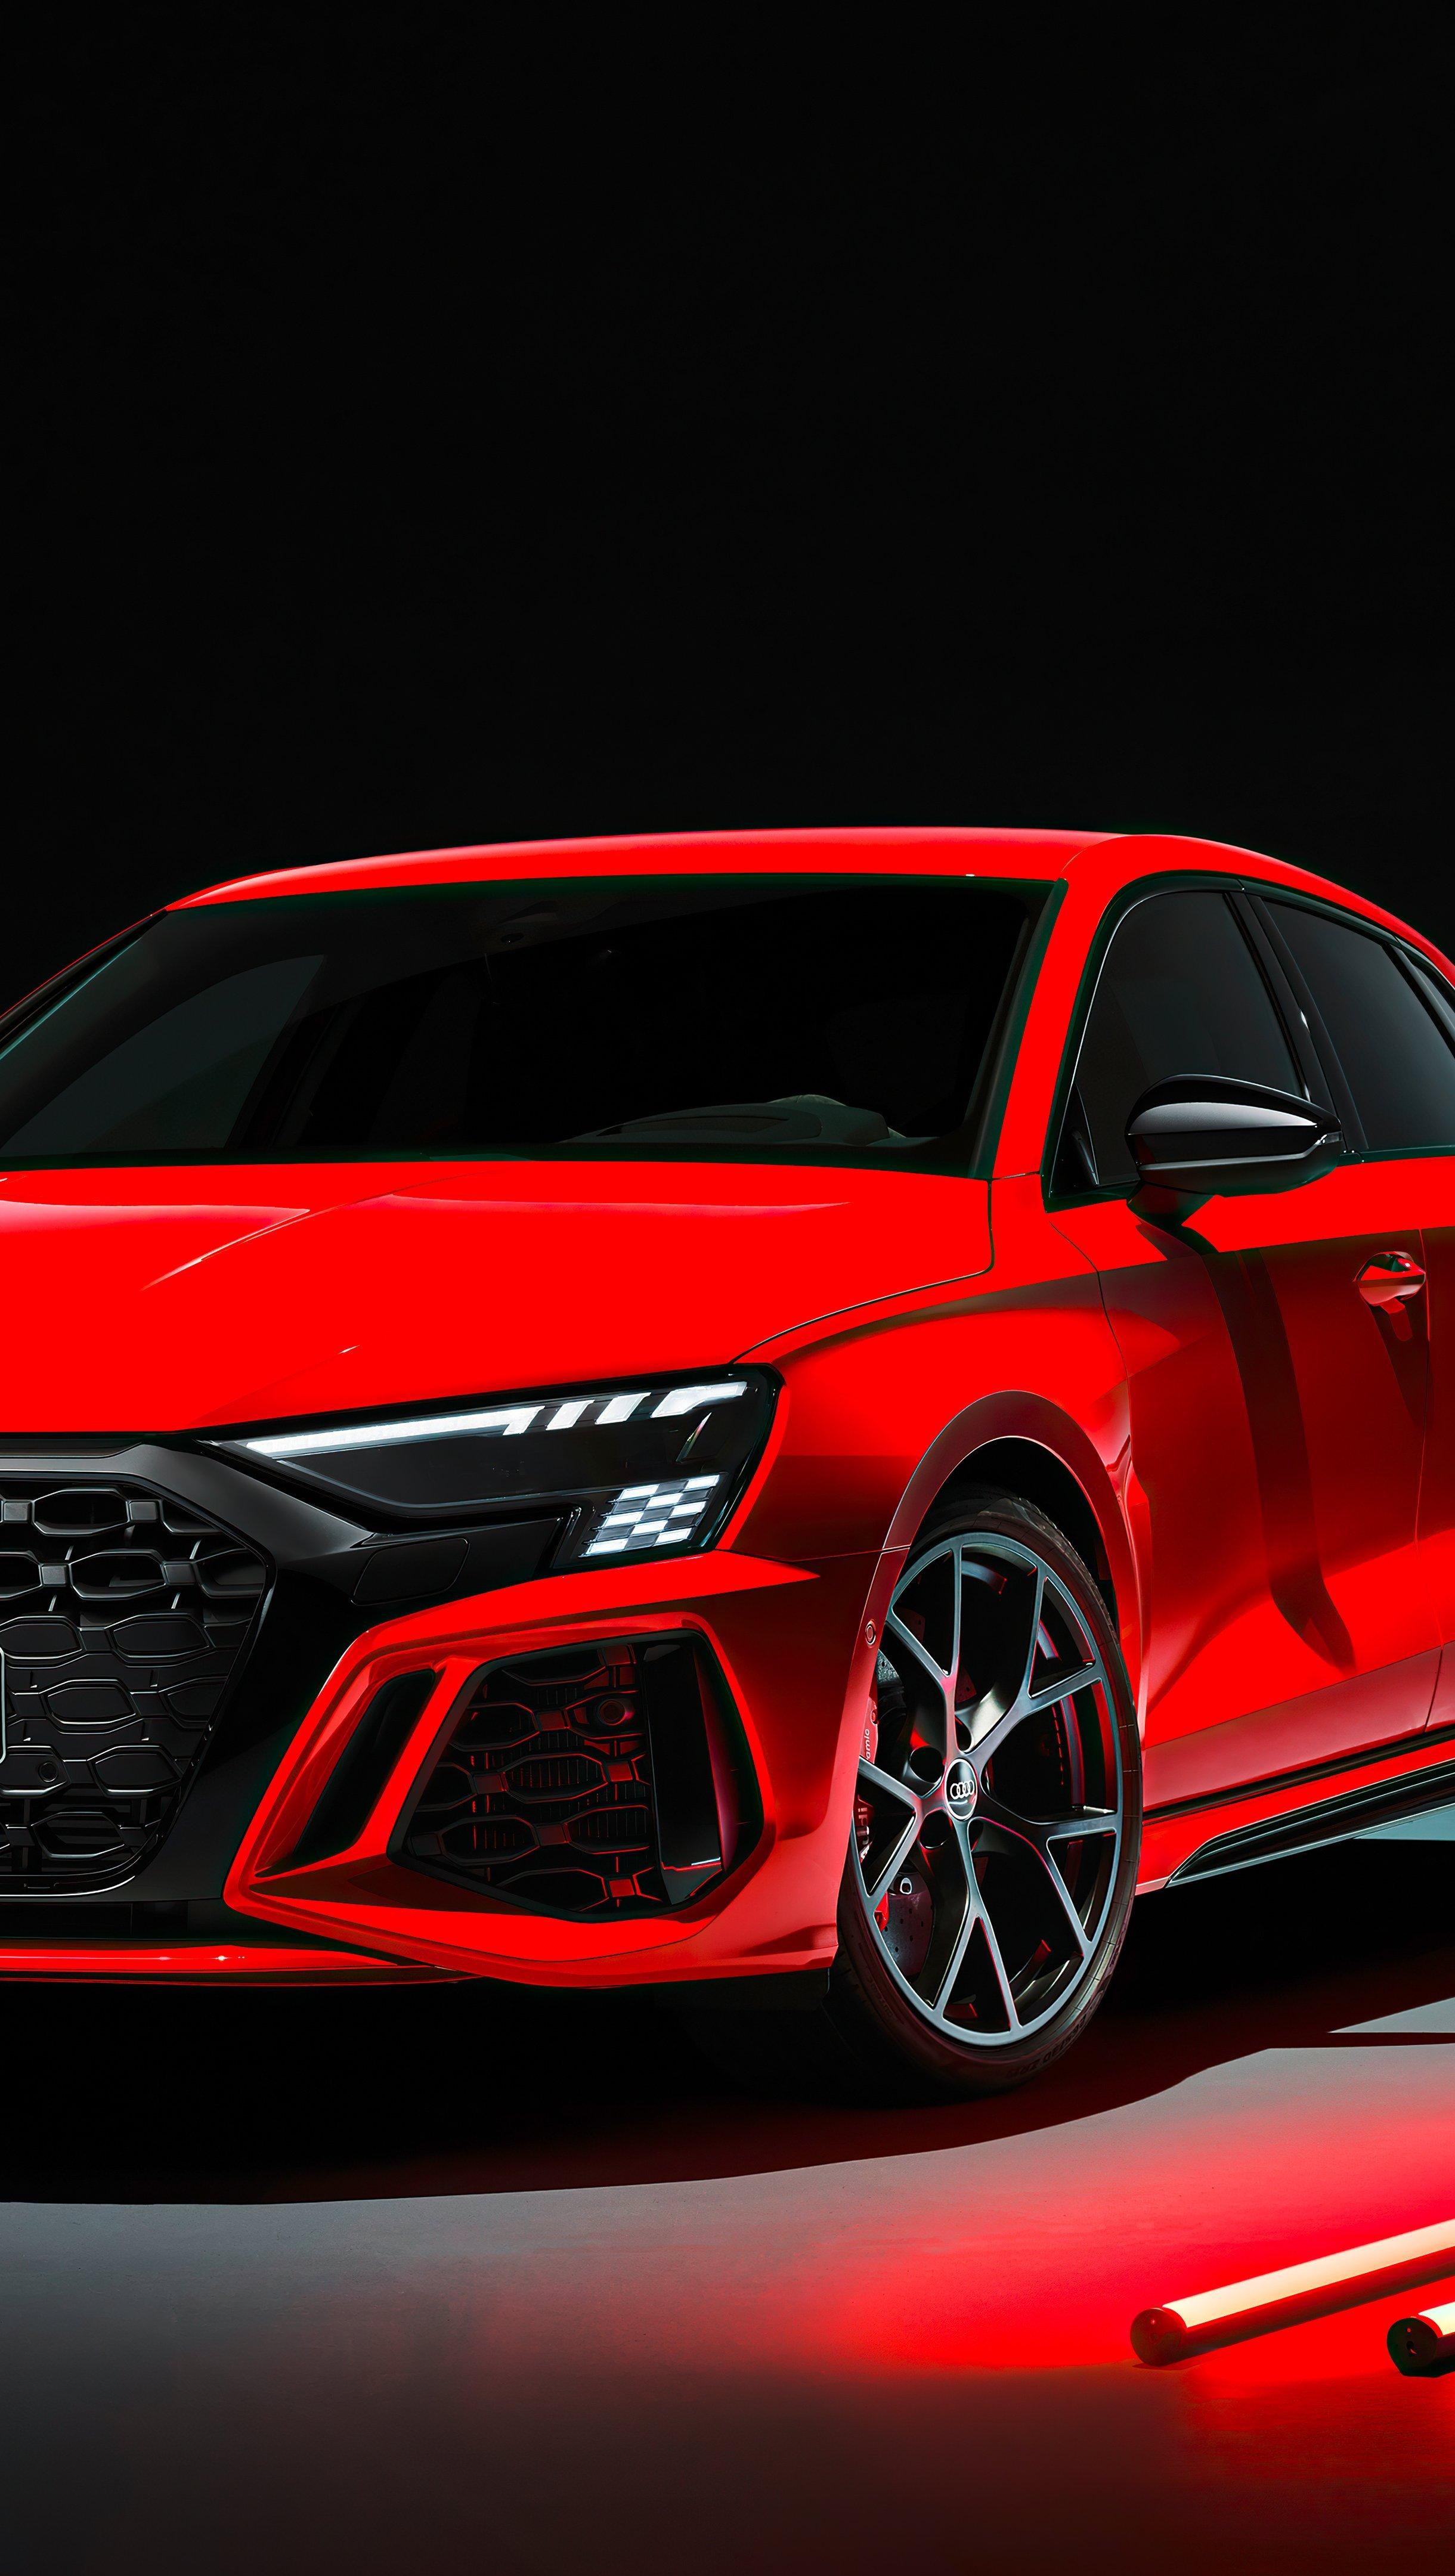 Wallpaper Audi RS 3 Sportback Vertical